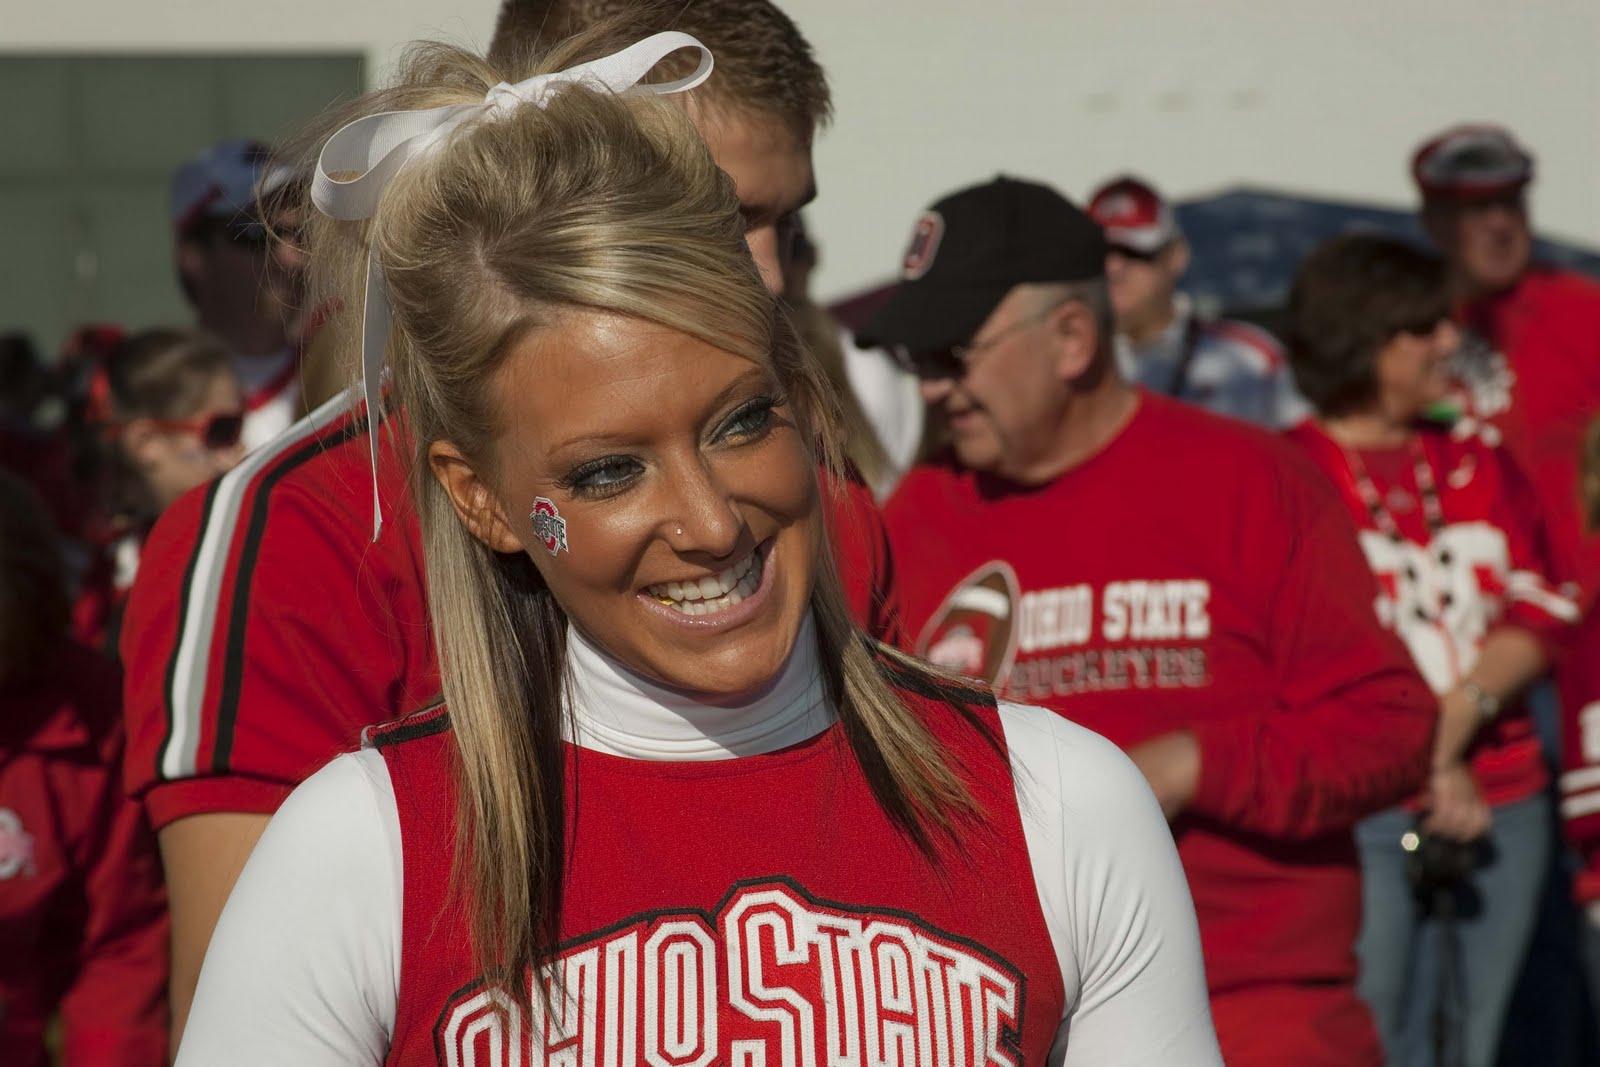 Ohio State University Cheerleaders Hot